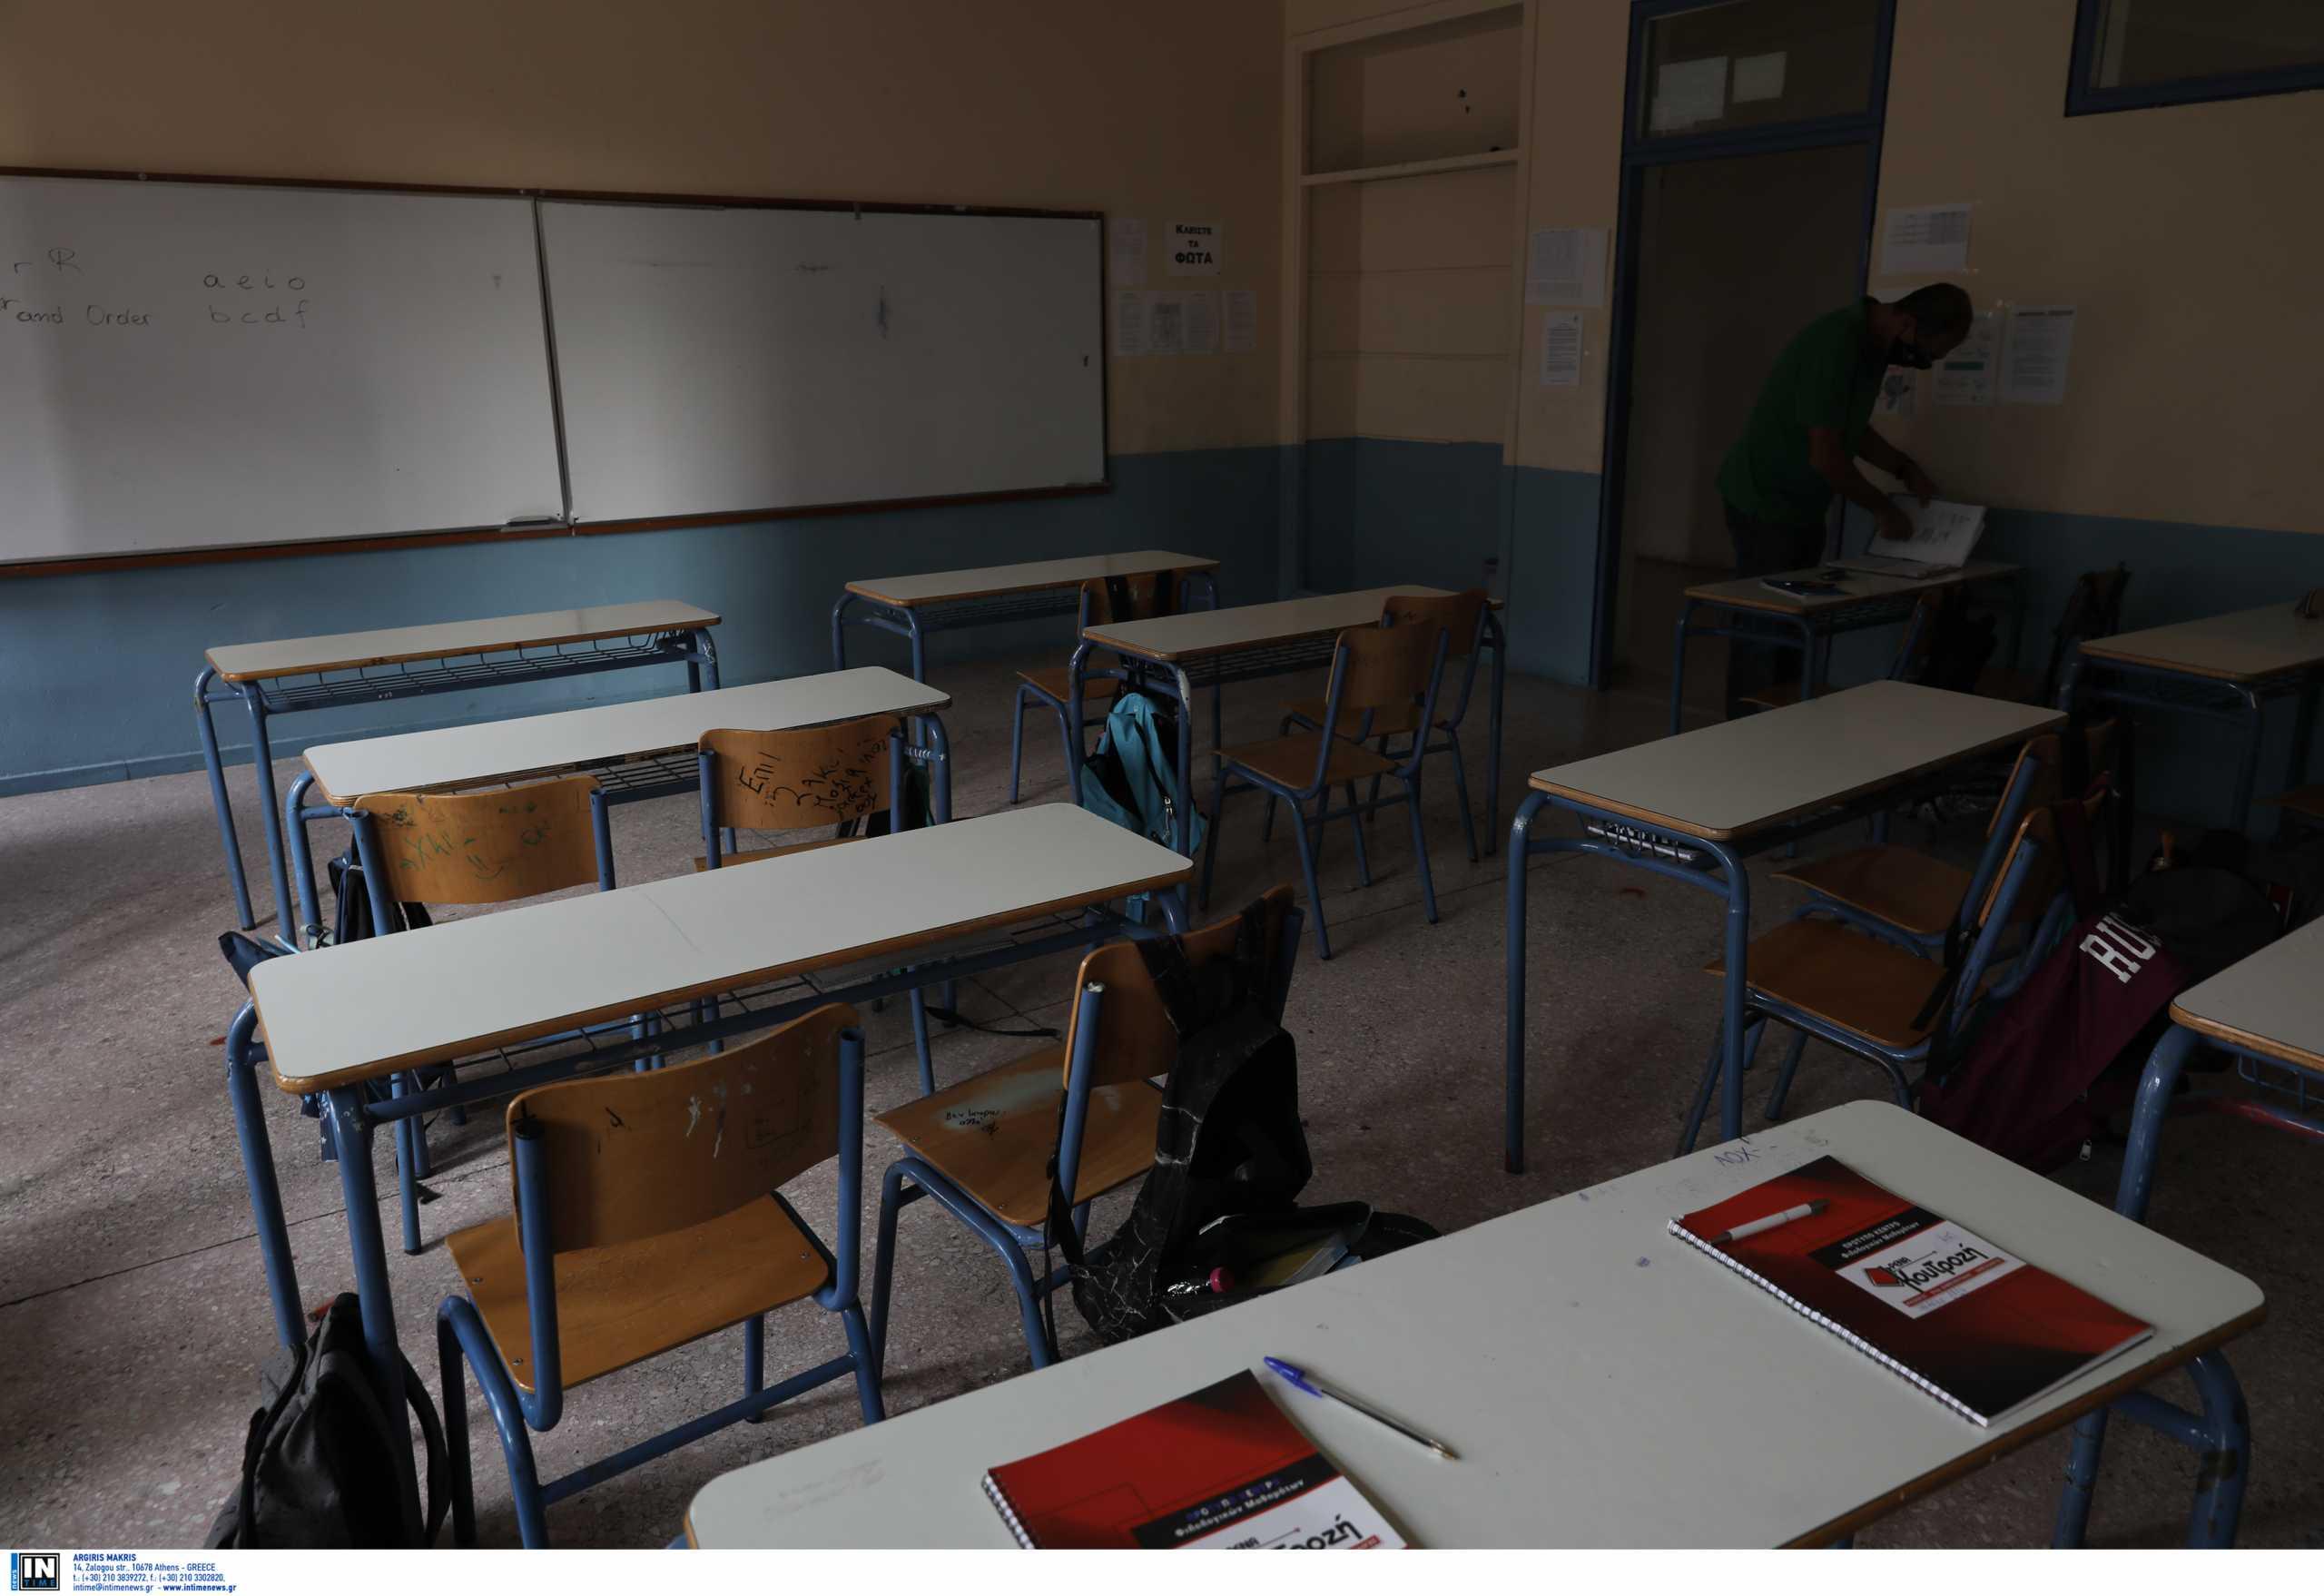 Εξαδάκτυλος για lockdown: Δεν αντέχεται ταυτόχρονο άνοιγμα σχολείων και λιανεμπορίου (vid)